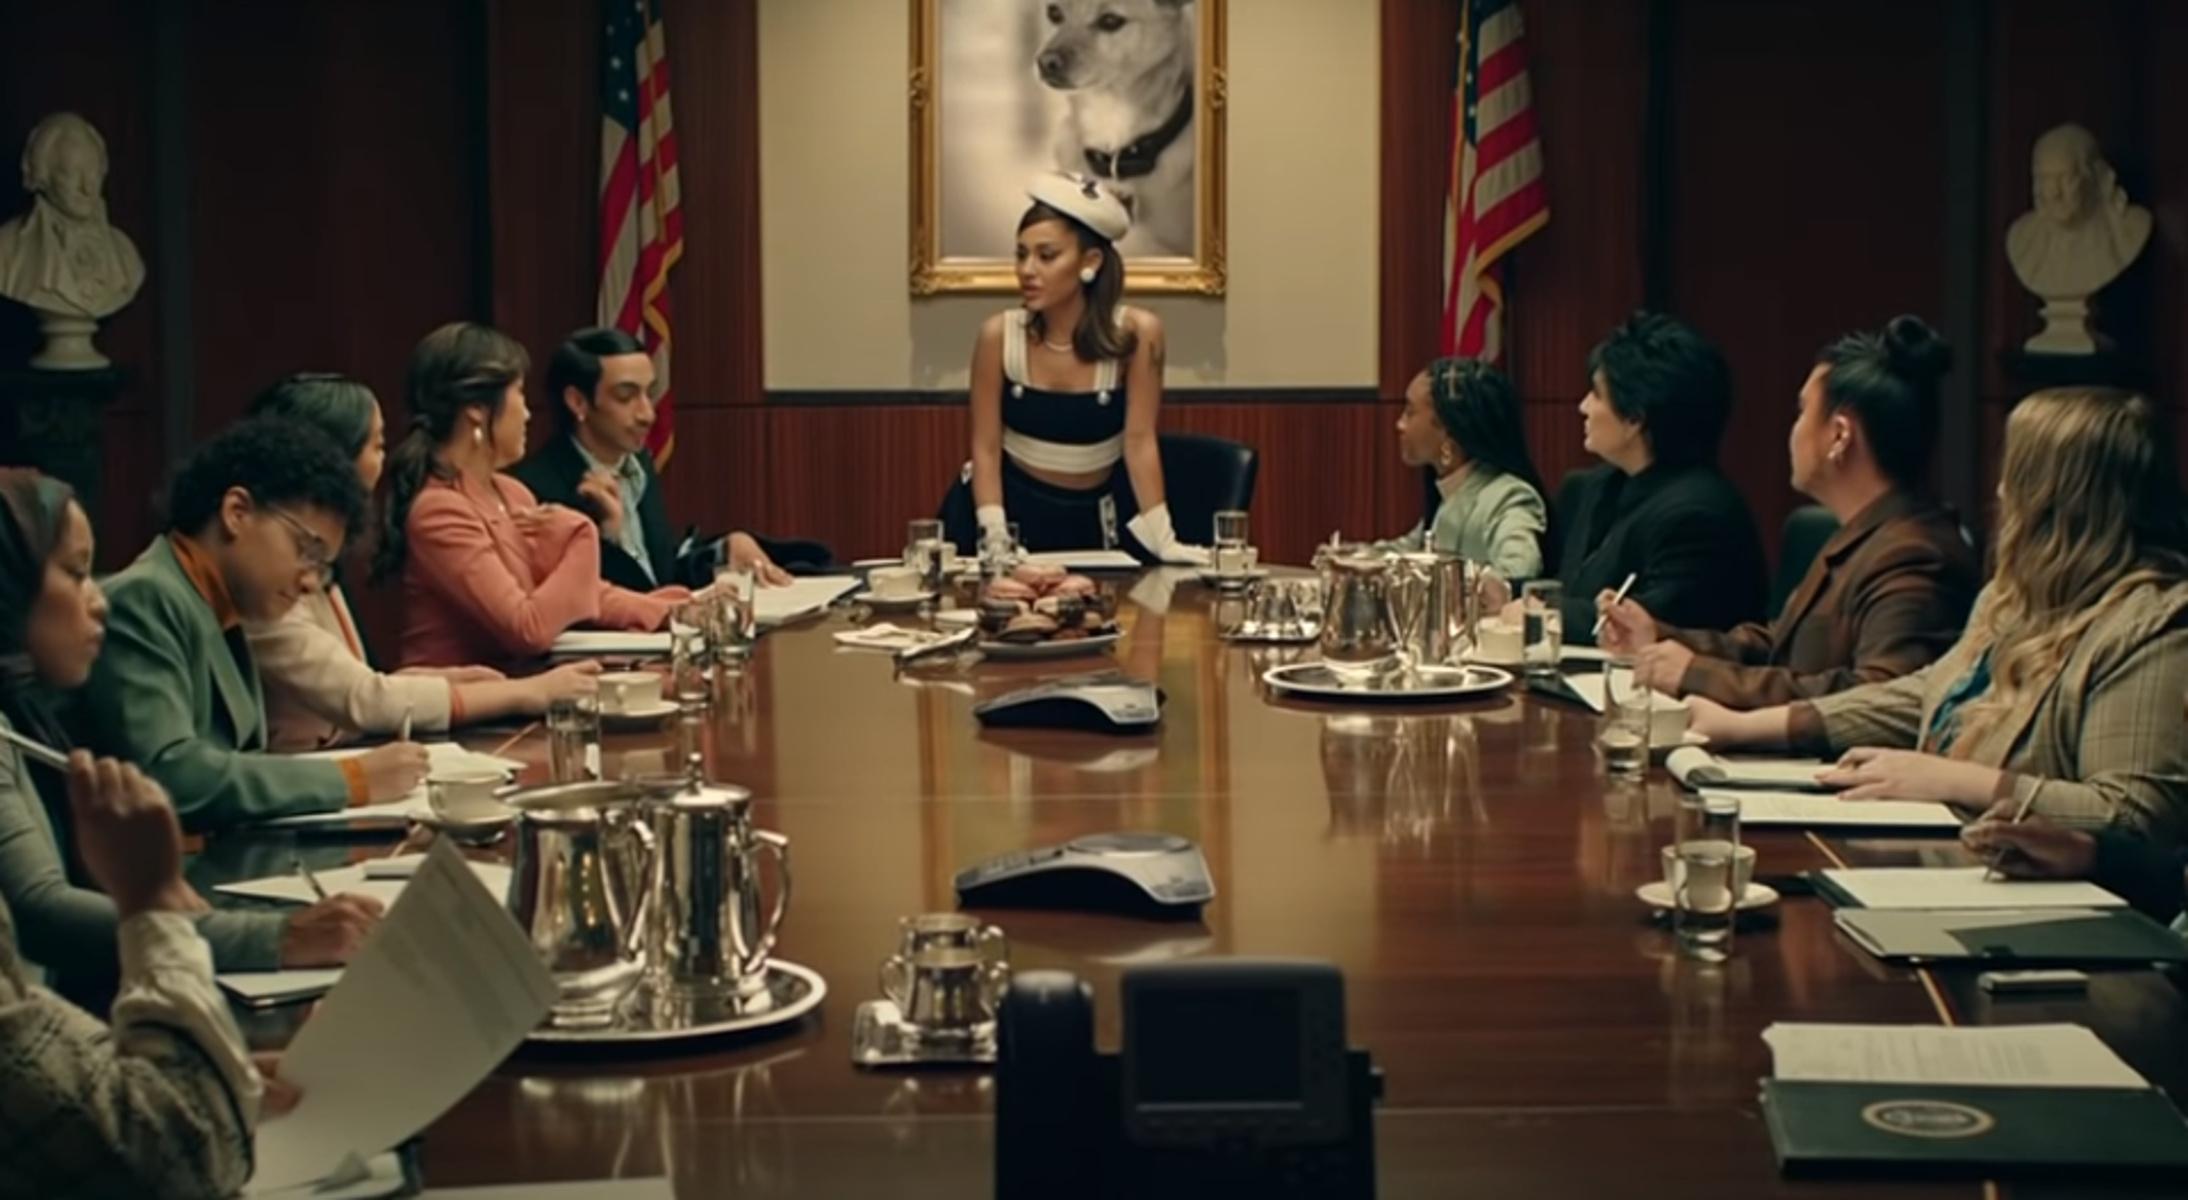 Μεγαλεία για την Αριάνα Γκράντε – Έγινε η «πρόεδρος» των ΗΠΑ